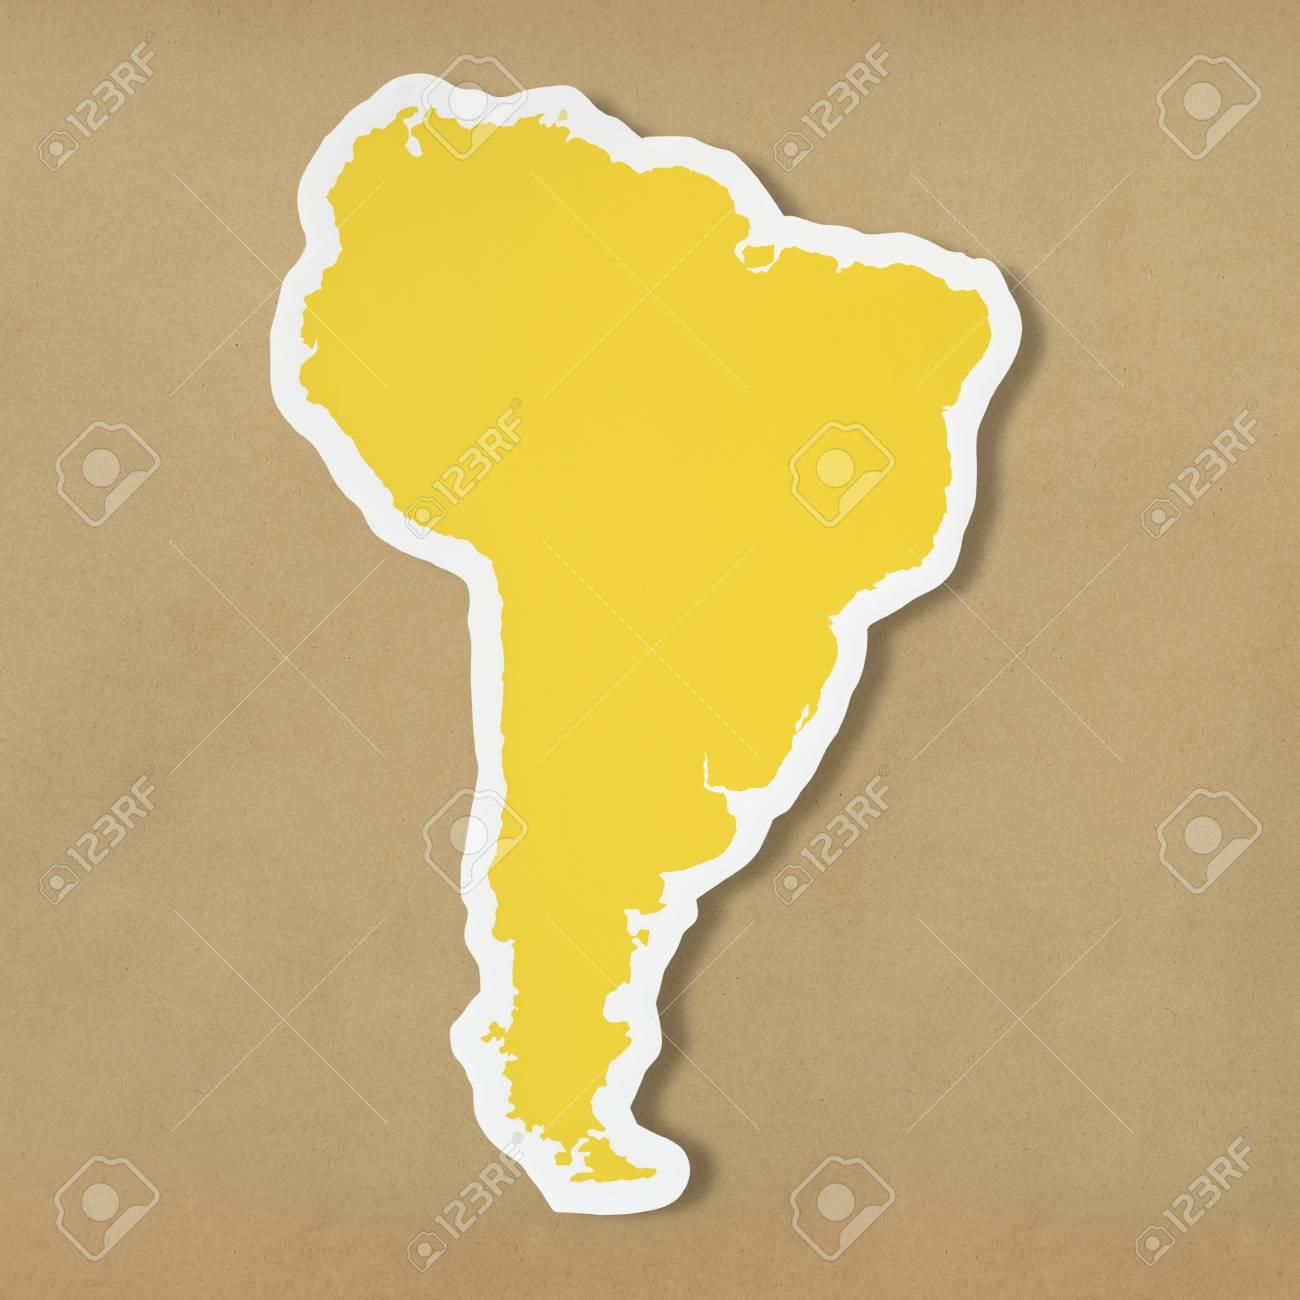 Blank Map Of South America Lizenzfreie Fotos, Bilder Und Stock ...